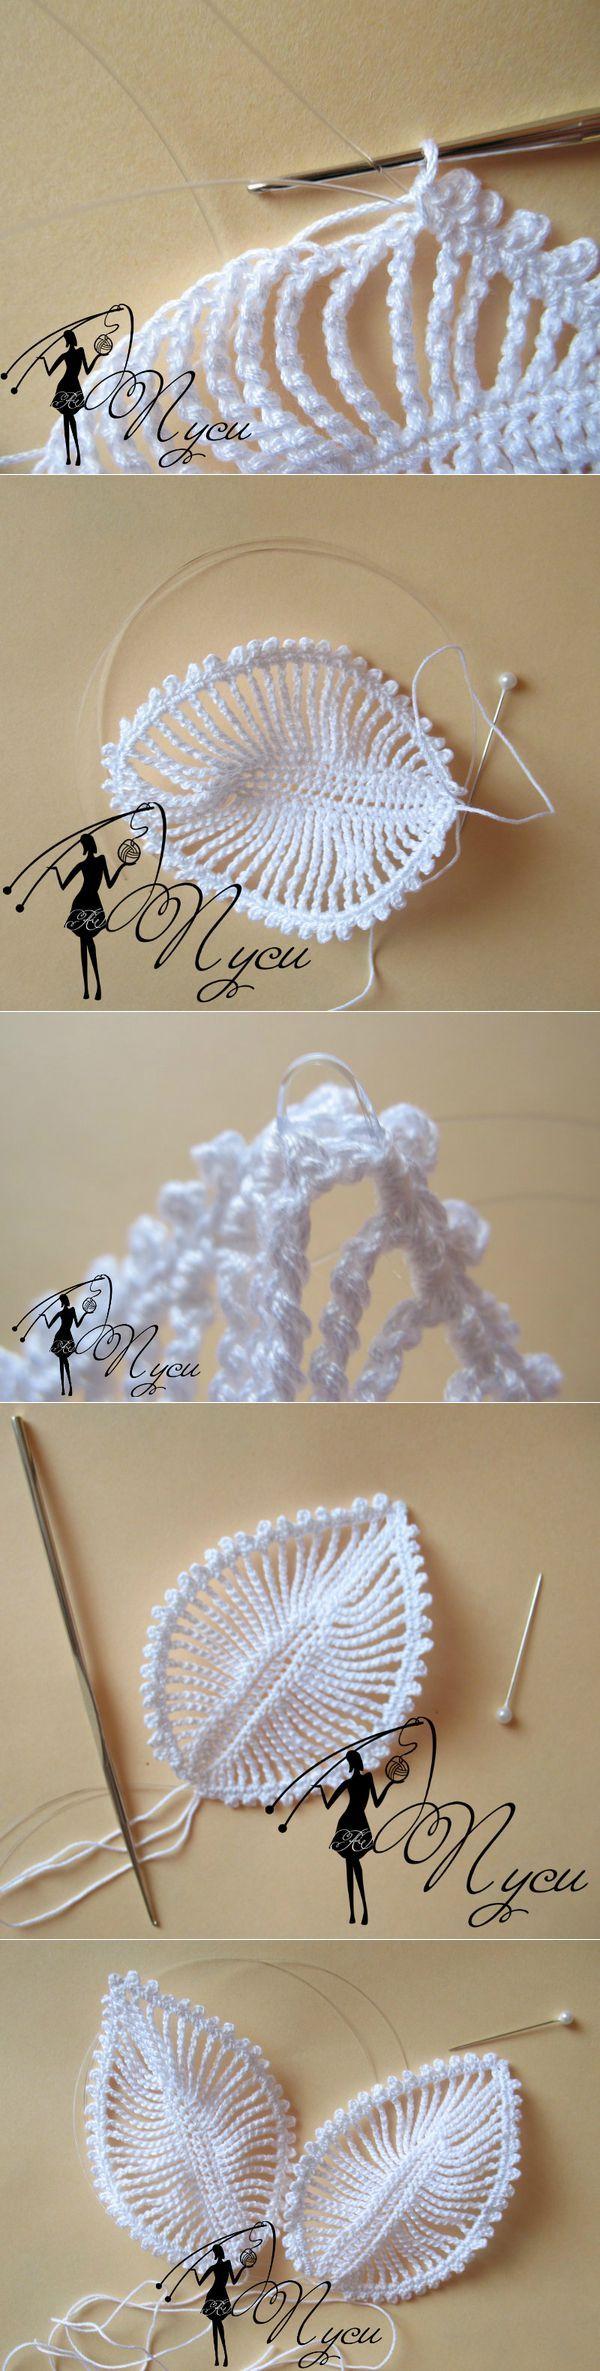 вязание крючком | Записи в рубрике вязание крючком | Дневник soroka-babushka